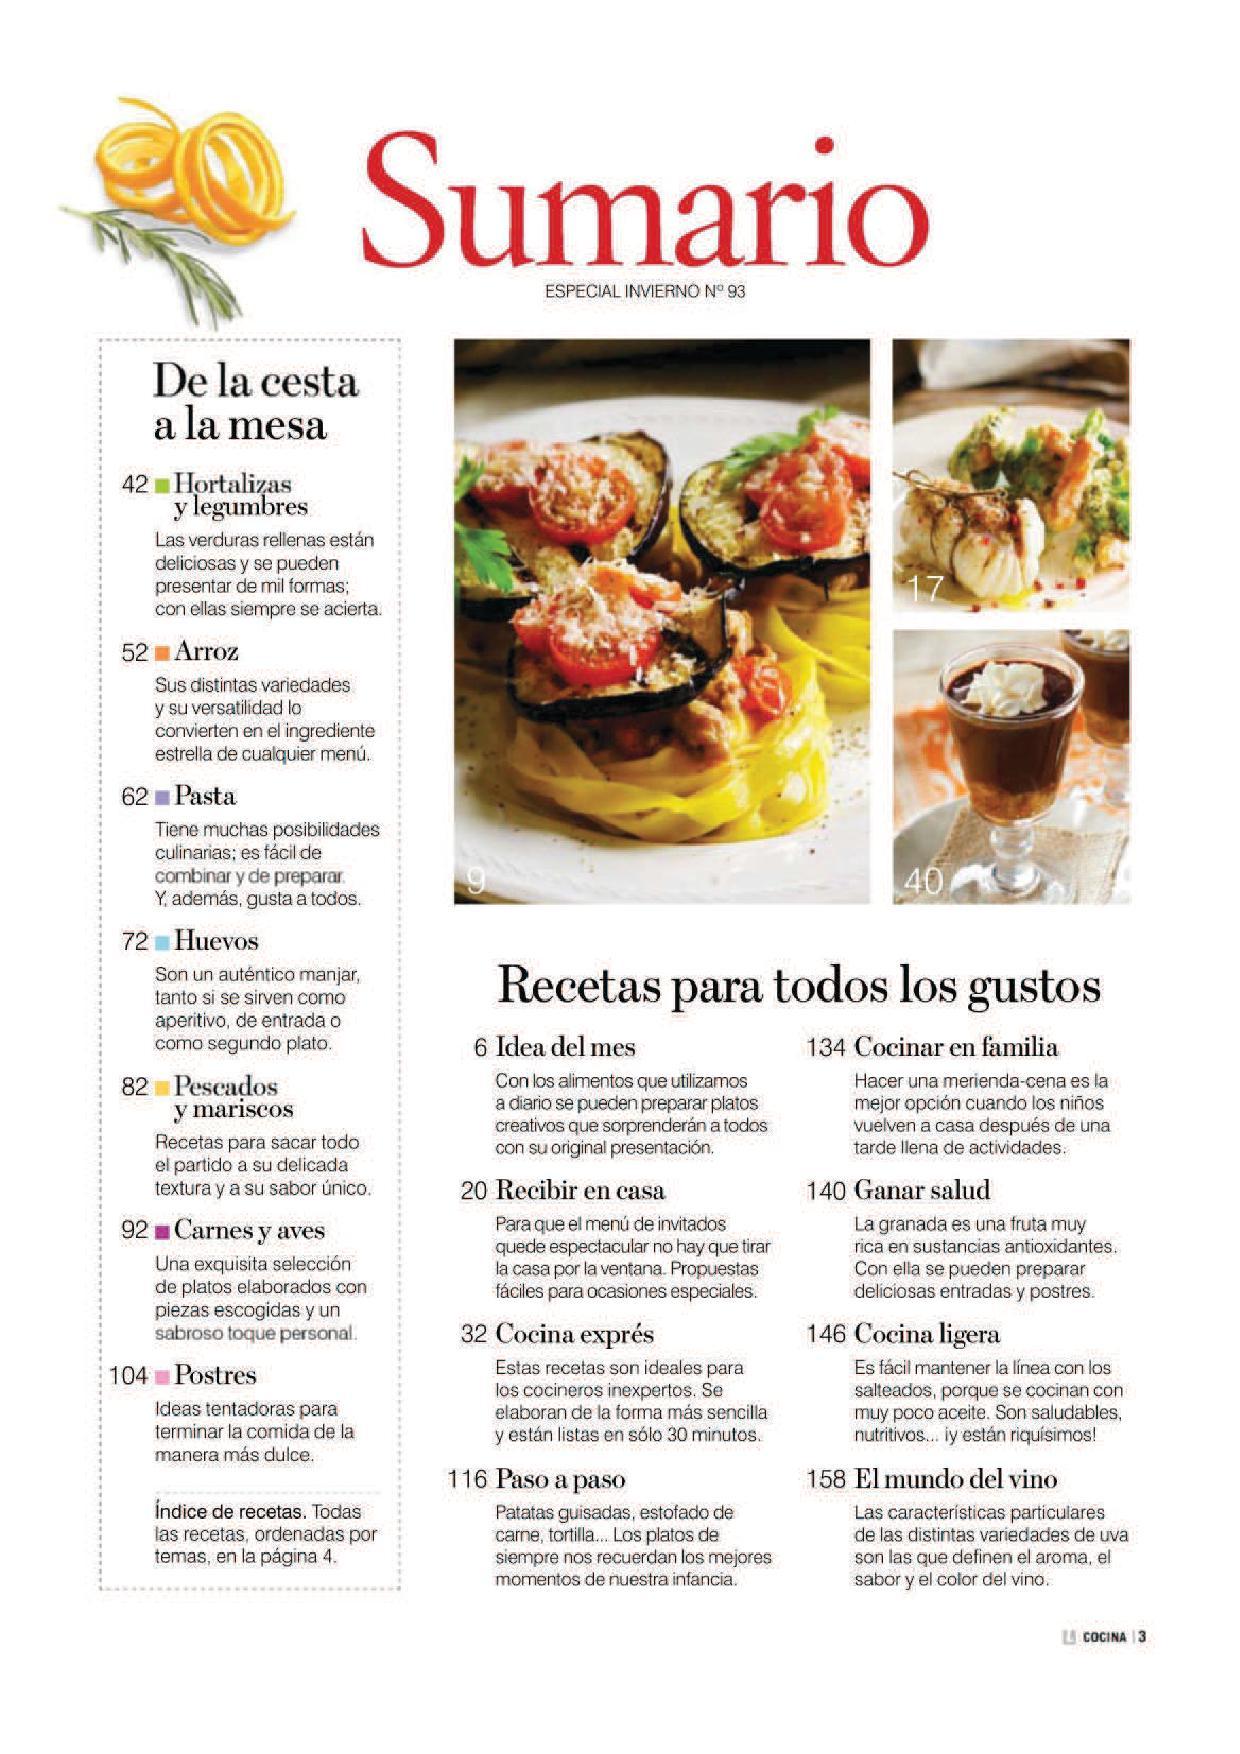 Cocina Expres Recetas